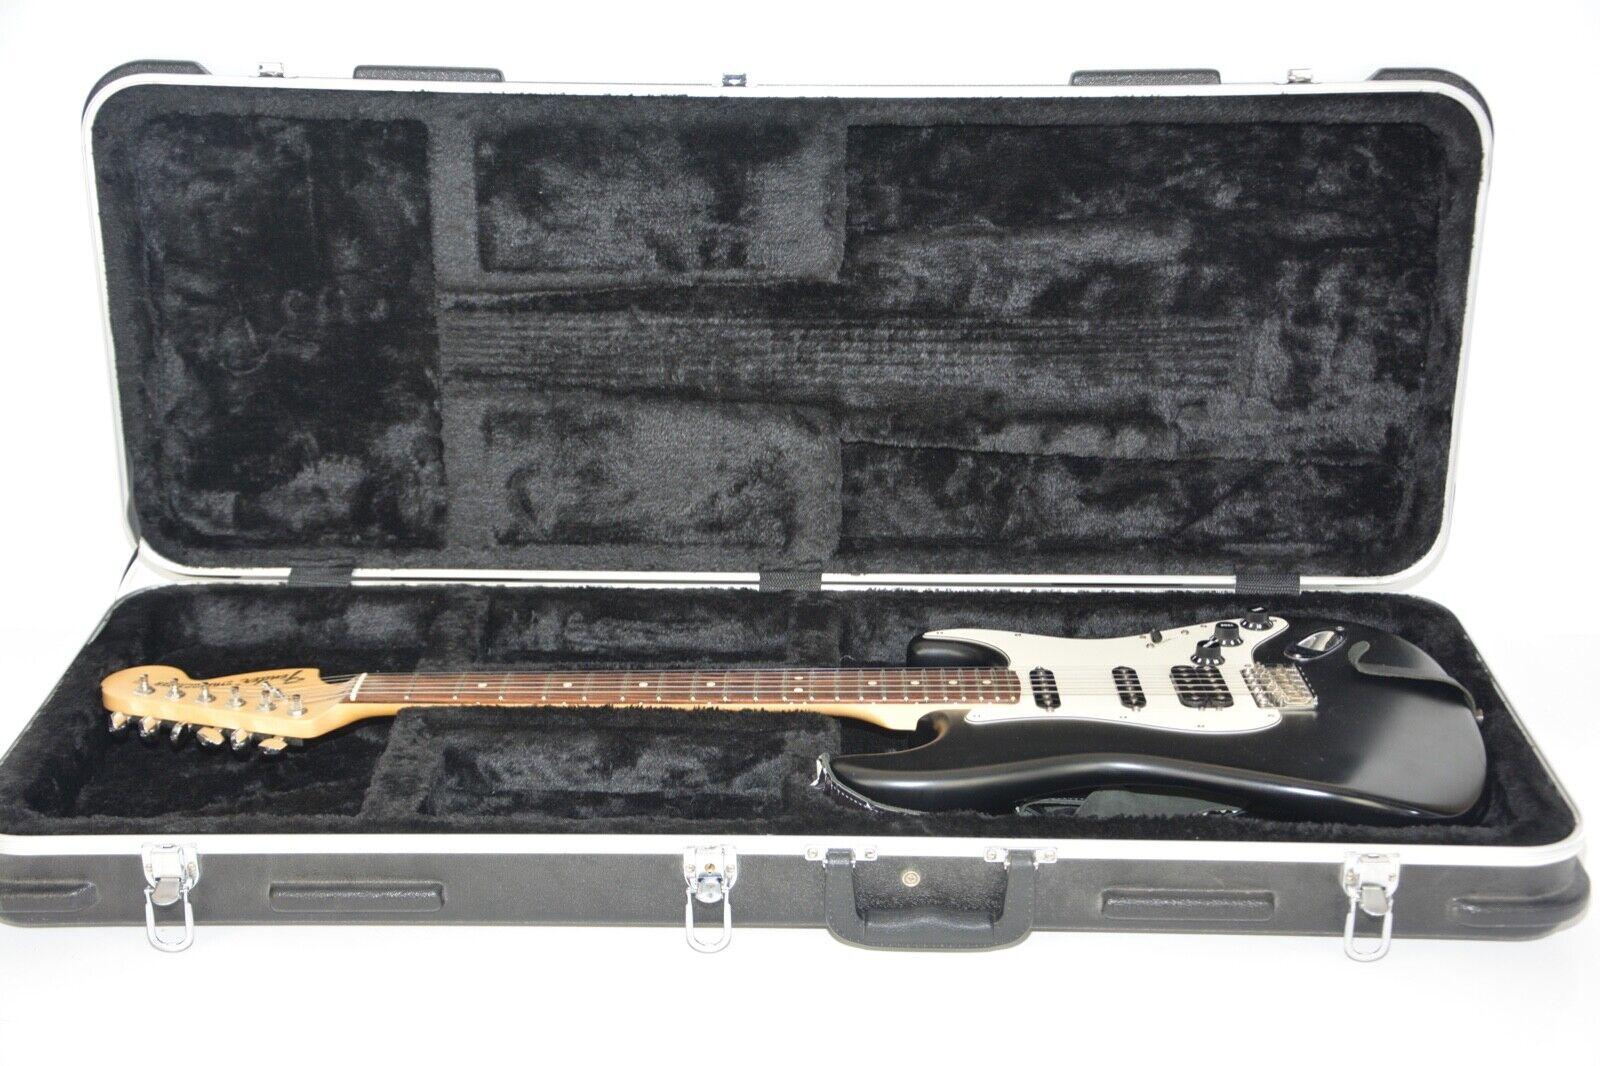 Fender American  Stratocaster made in USA inkl. Rechnung & Gewährleistung